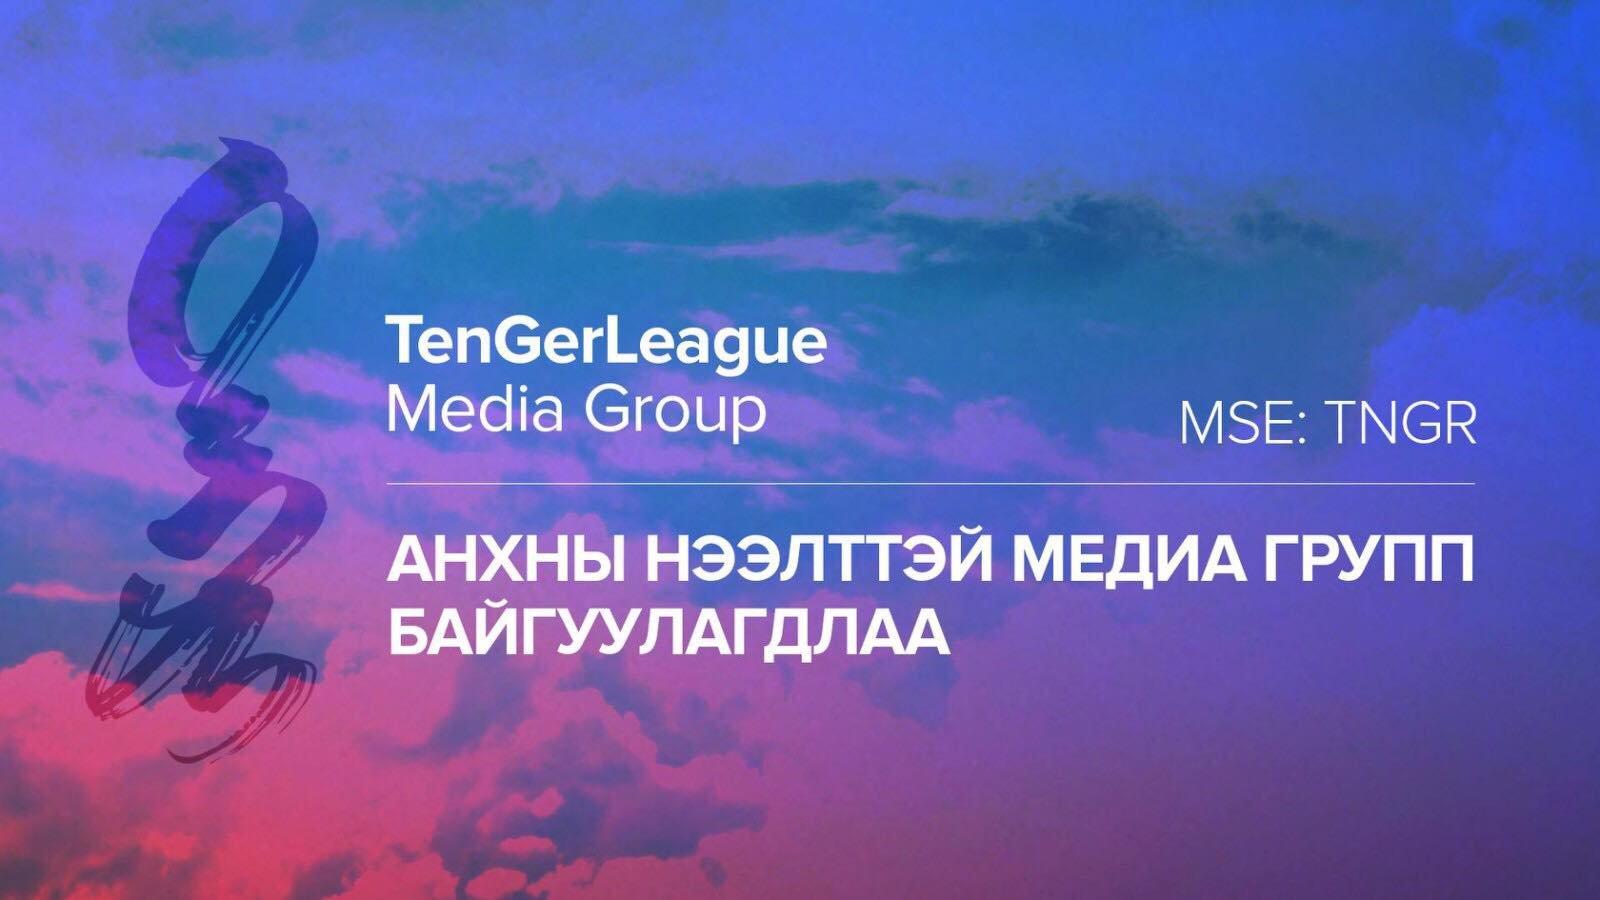 Анхны нээлттэй медиа групп байгуулагдлаа